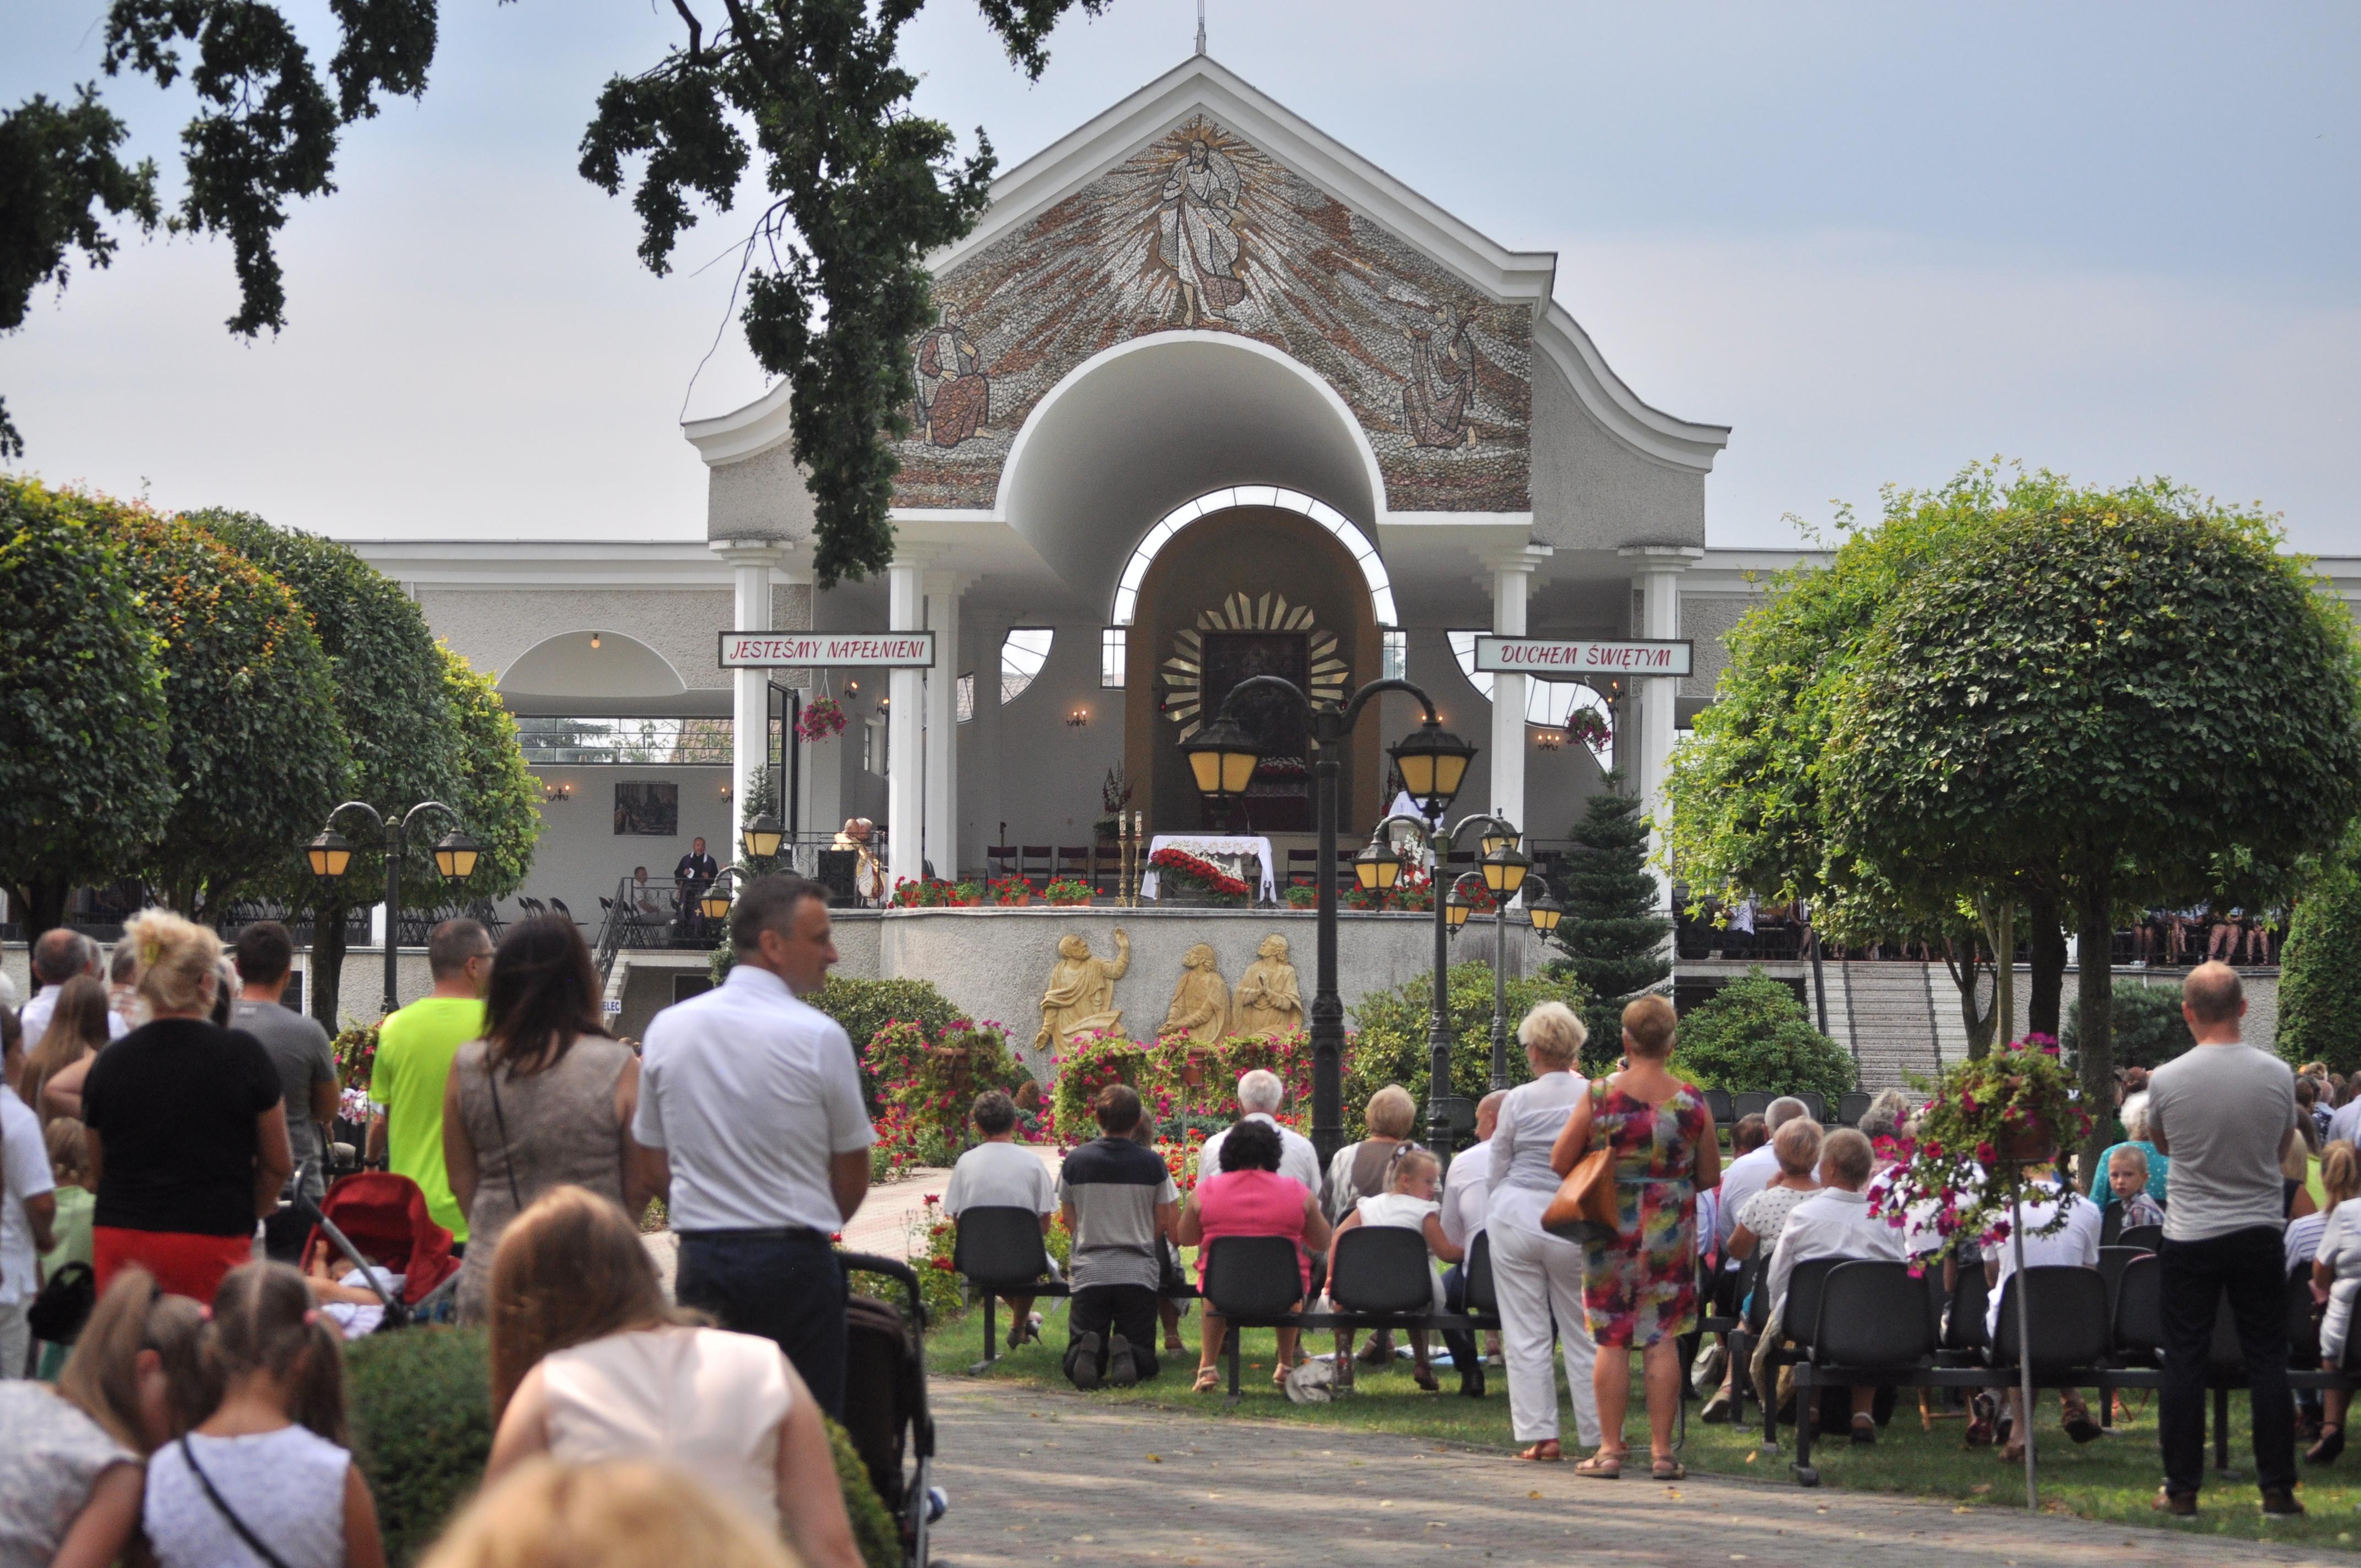 Parafia Cmolas przyznała stypendium dla dwójki zdolnych osób chcących studiować - Zdjęcie główne